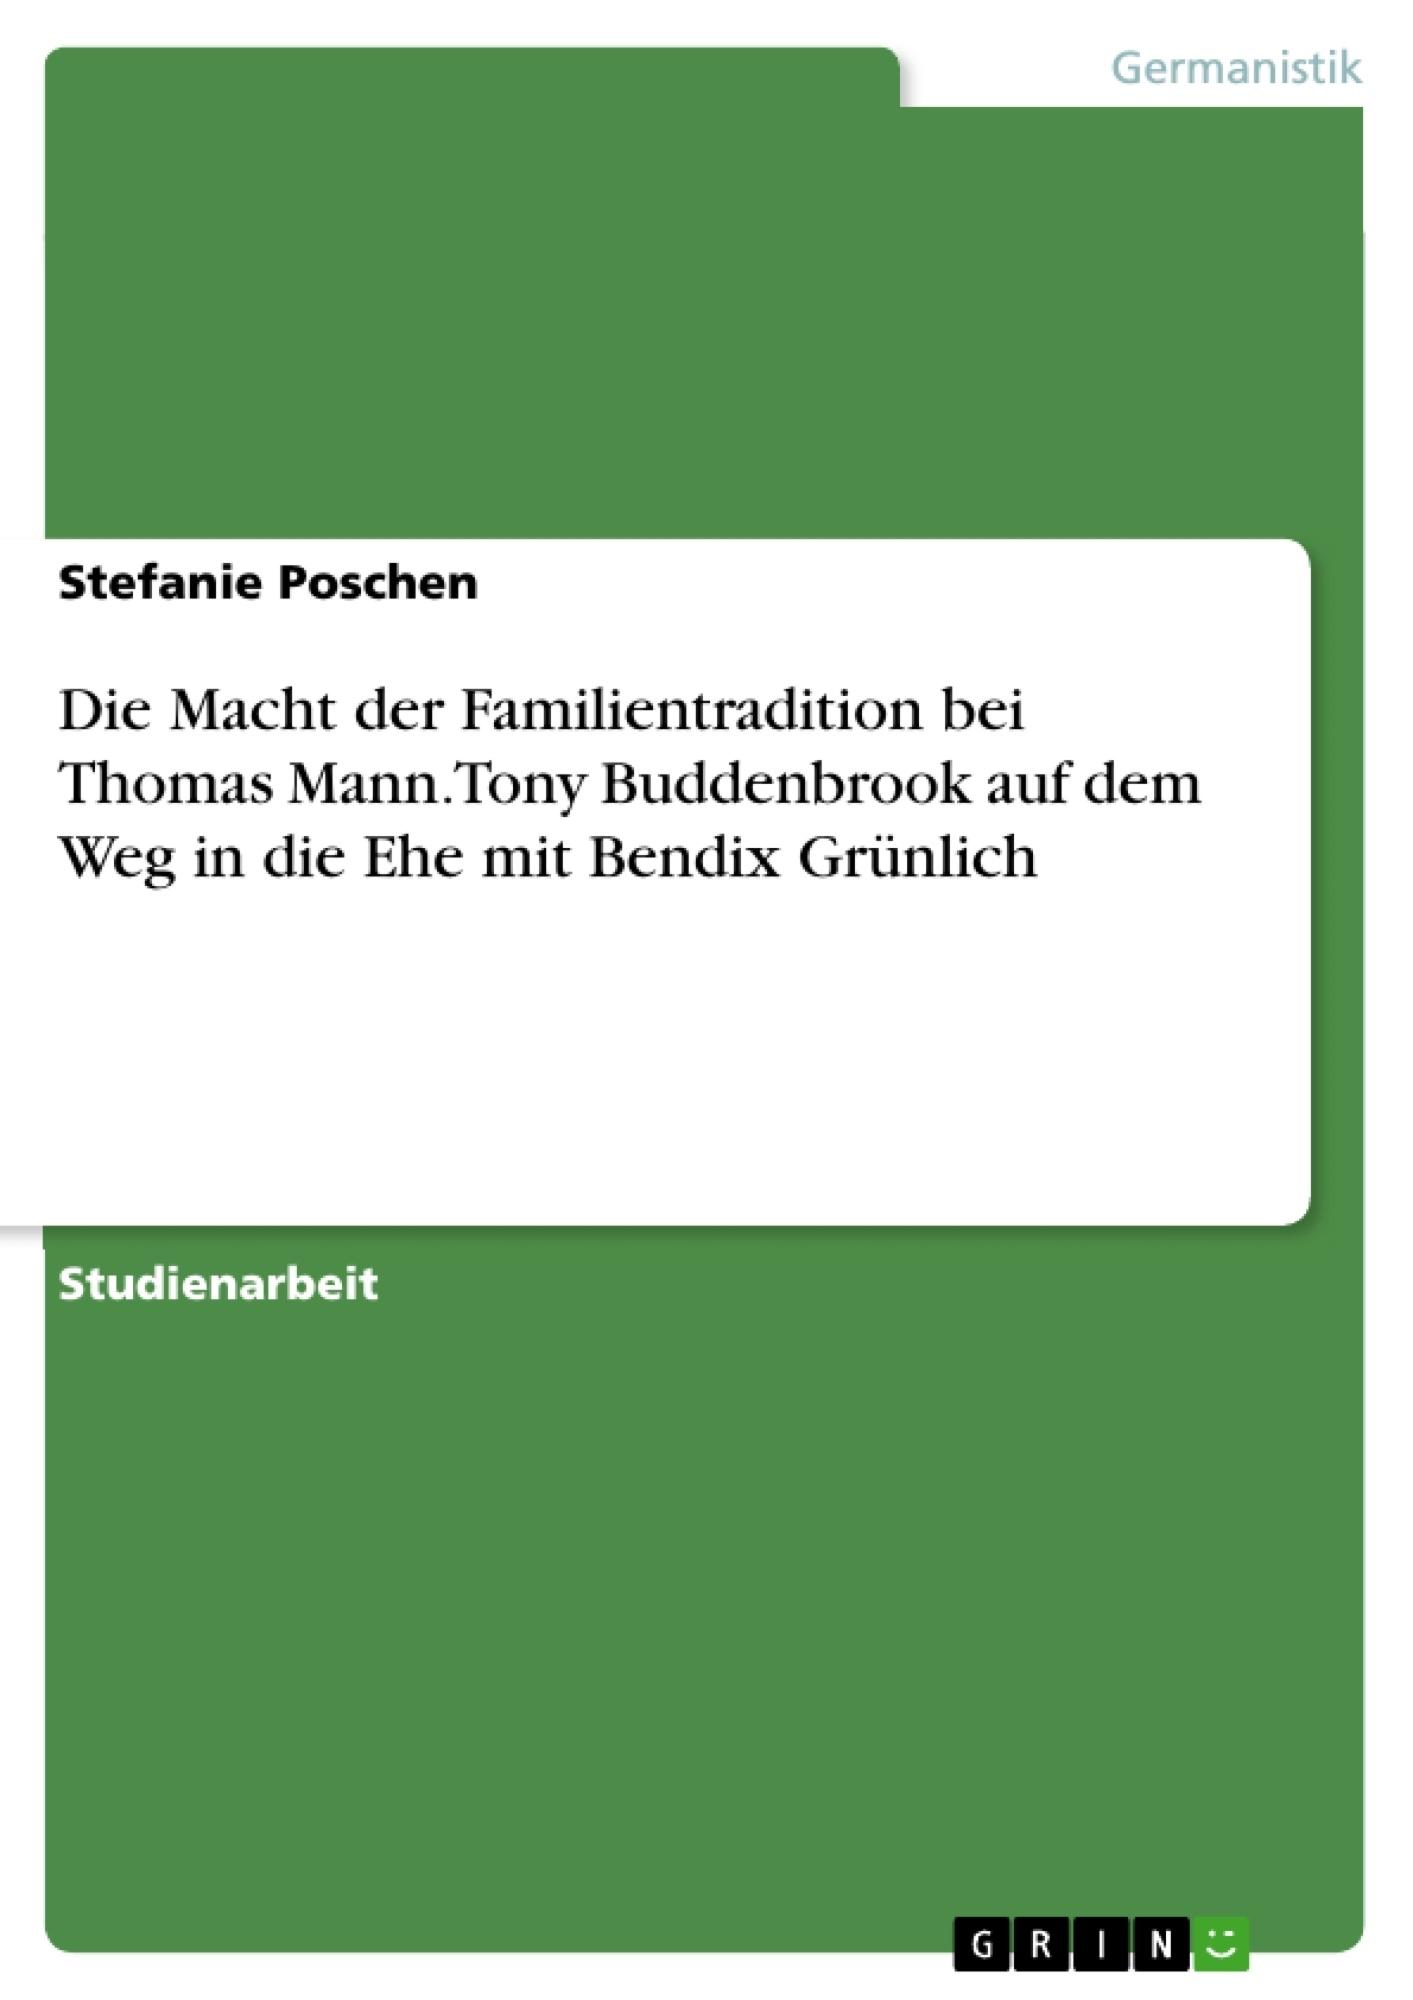 Titel: Die Macht der Familientradition bei Thomas Mann. Tony Buddenbrook auf dem Weg in die Ehe  mit Bendix Grünlich